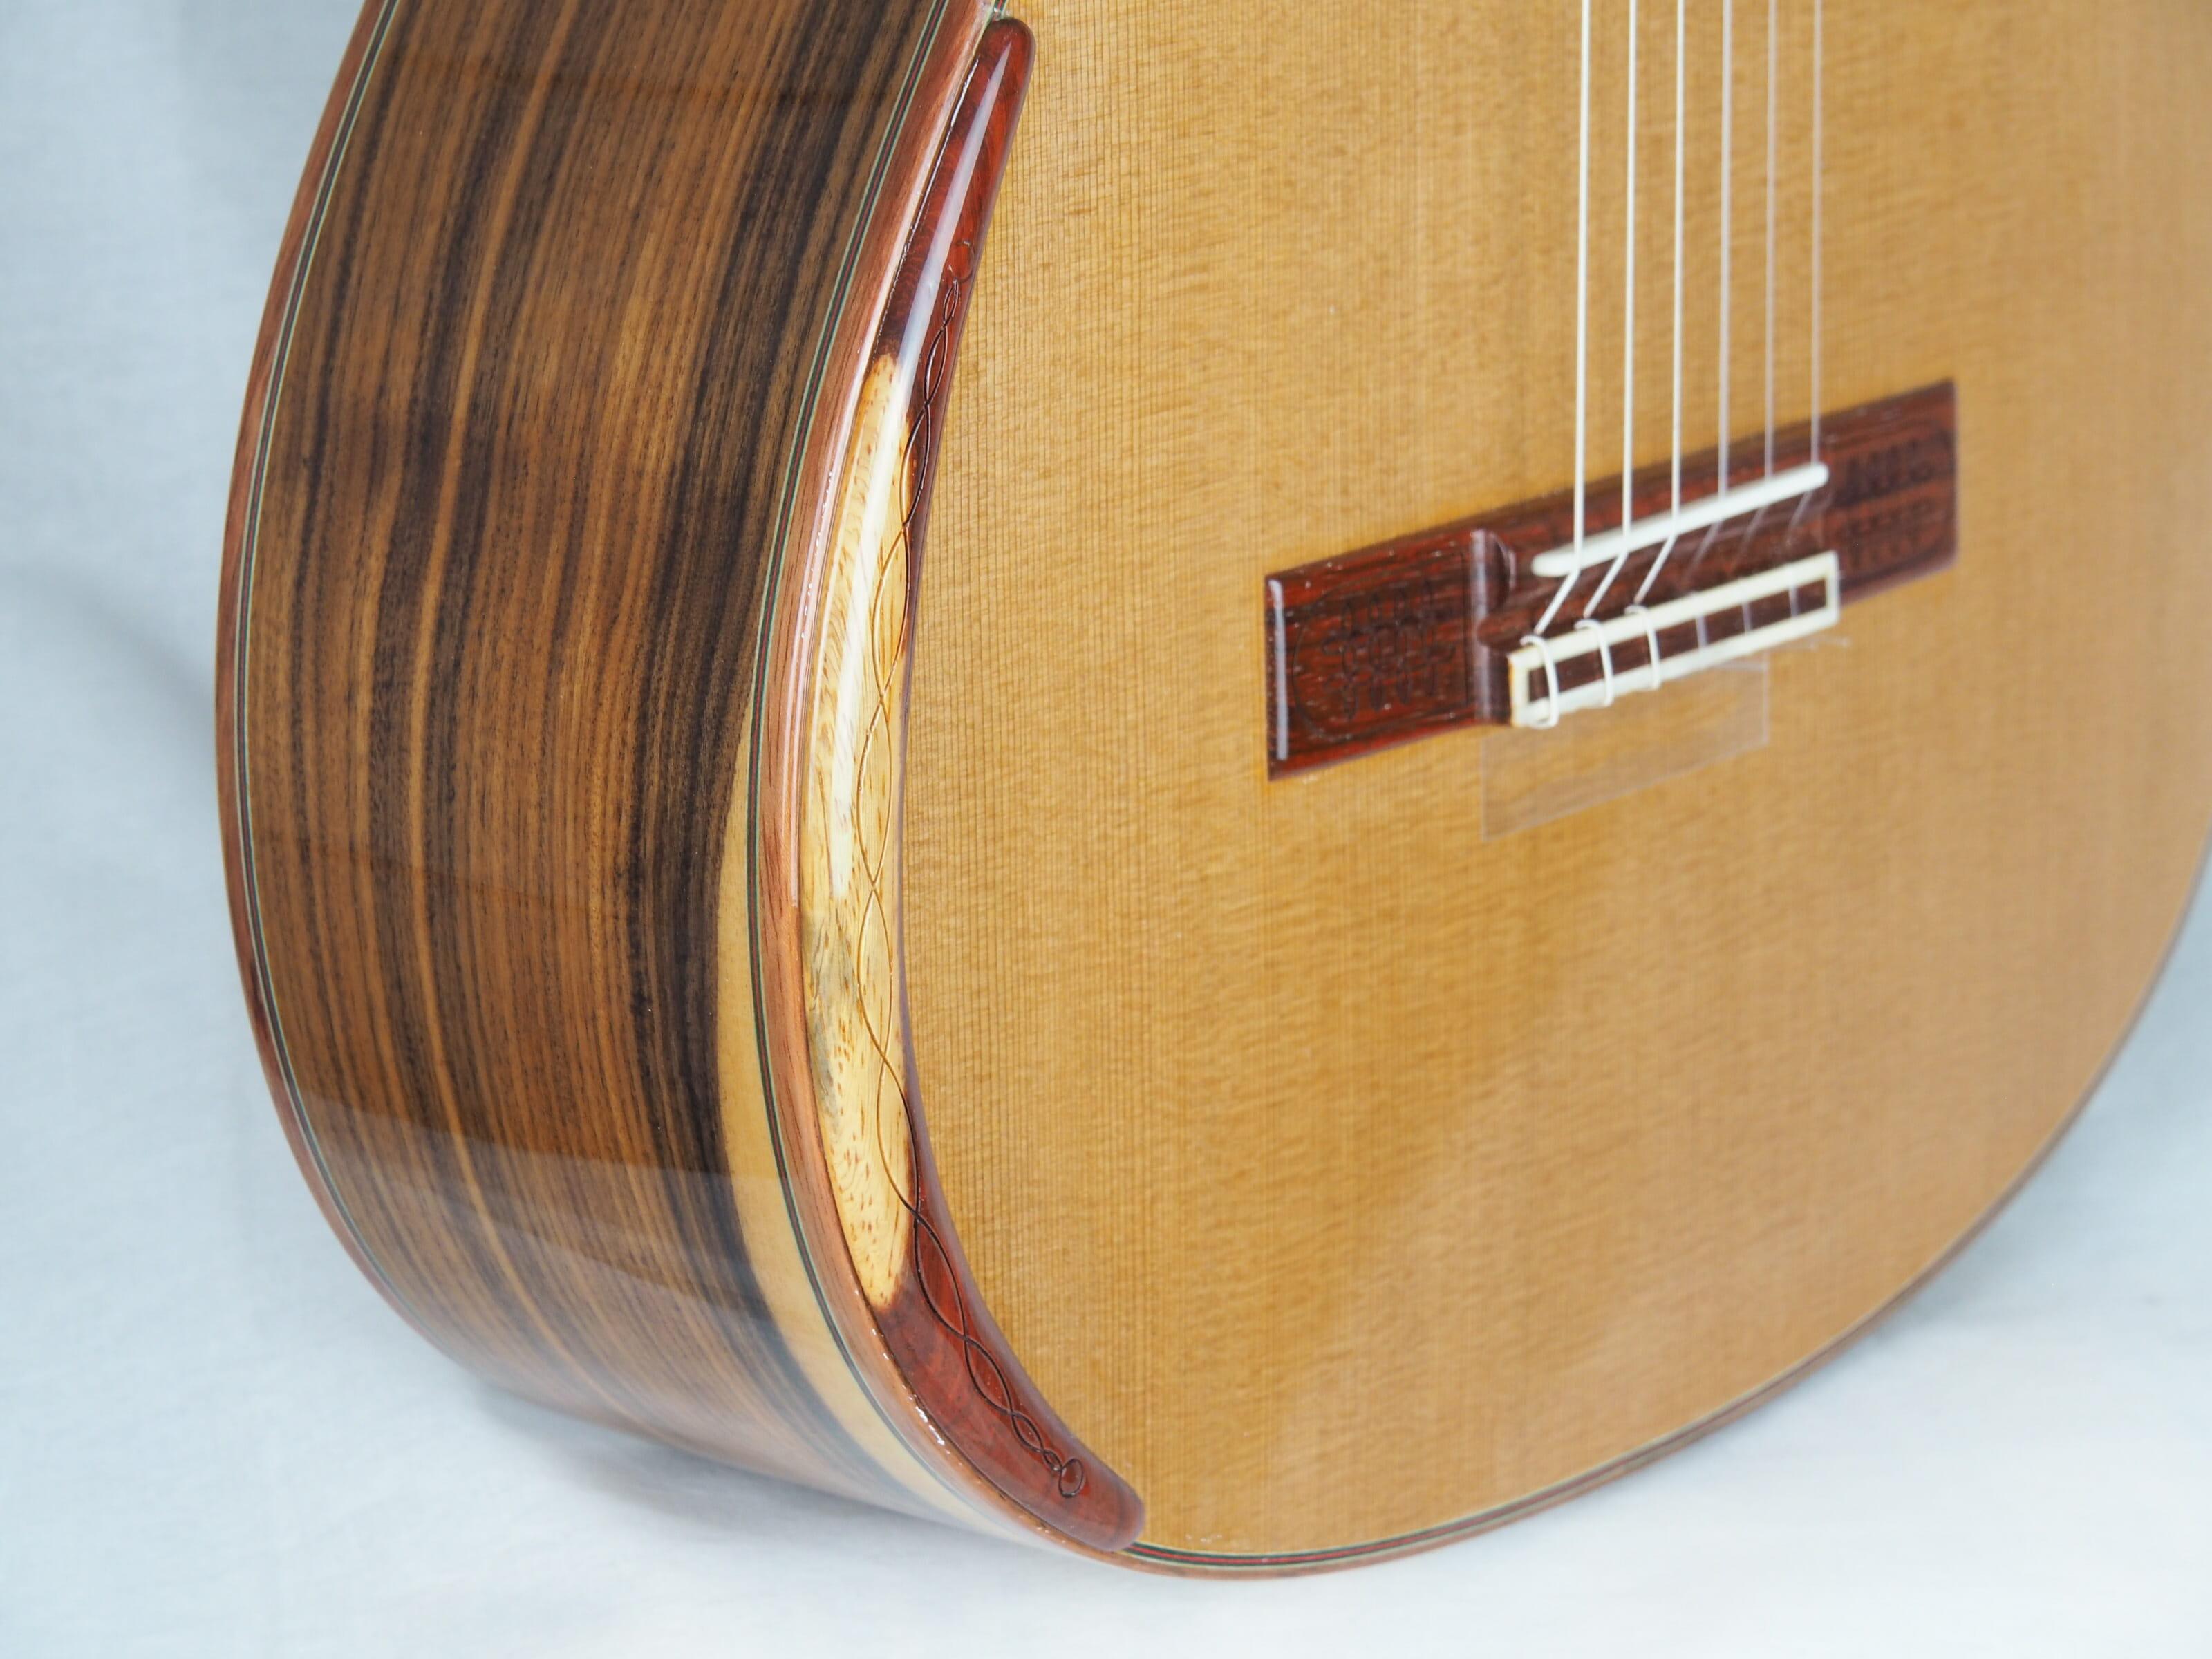 Luthier Vasilis Vasileiadis guitare classique no. 19VAS156-06